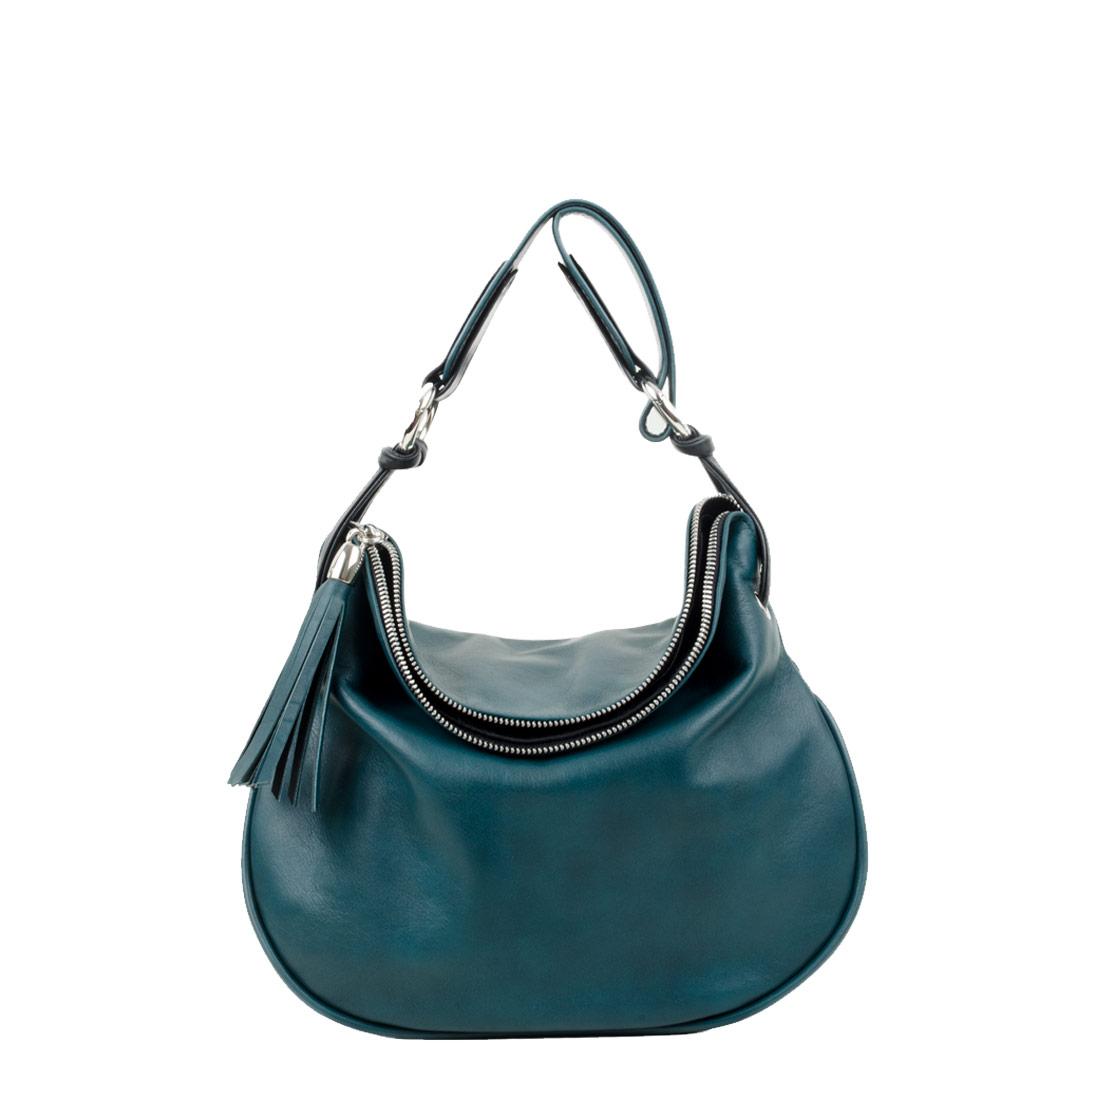 Milly Teal Leather Shoulder Bag